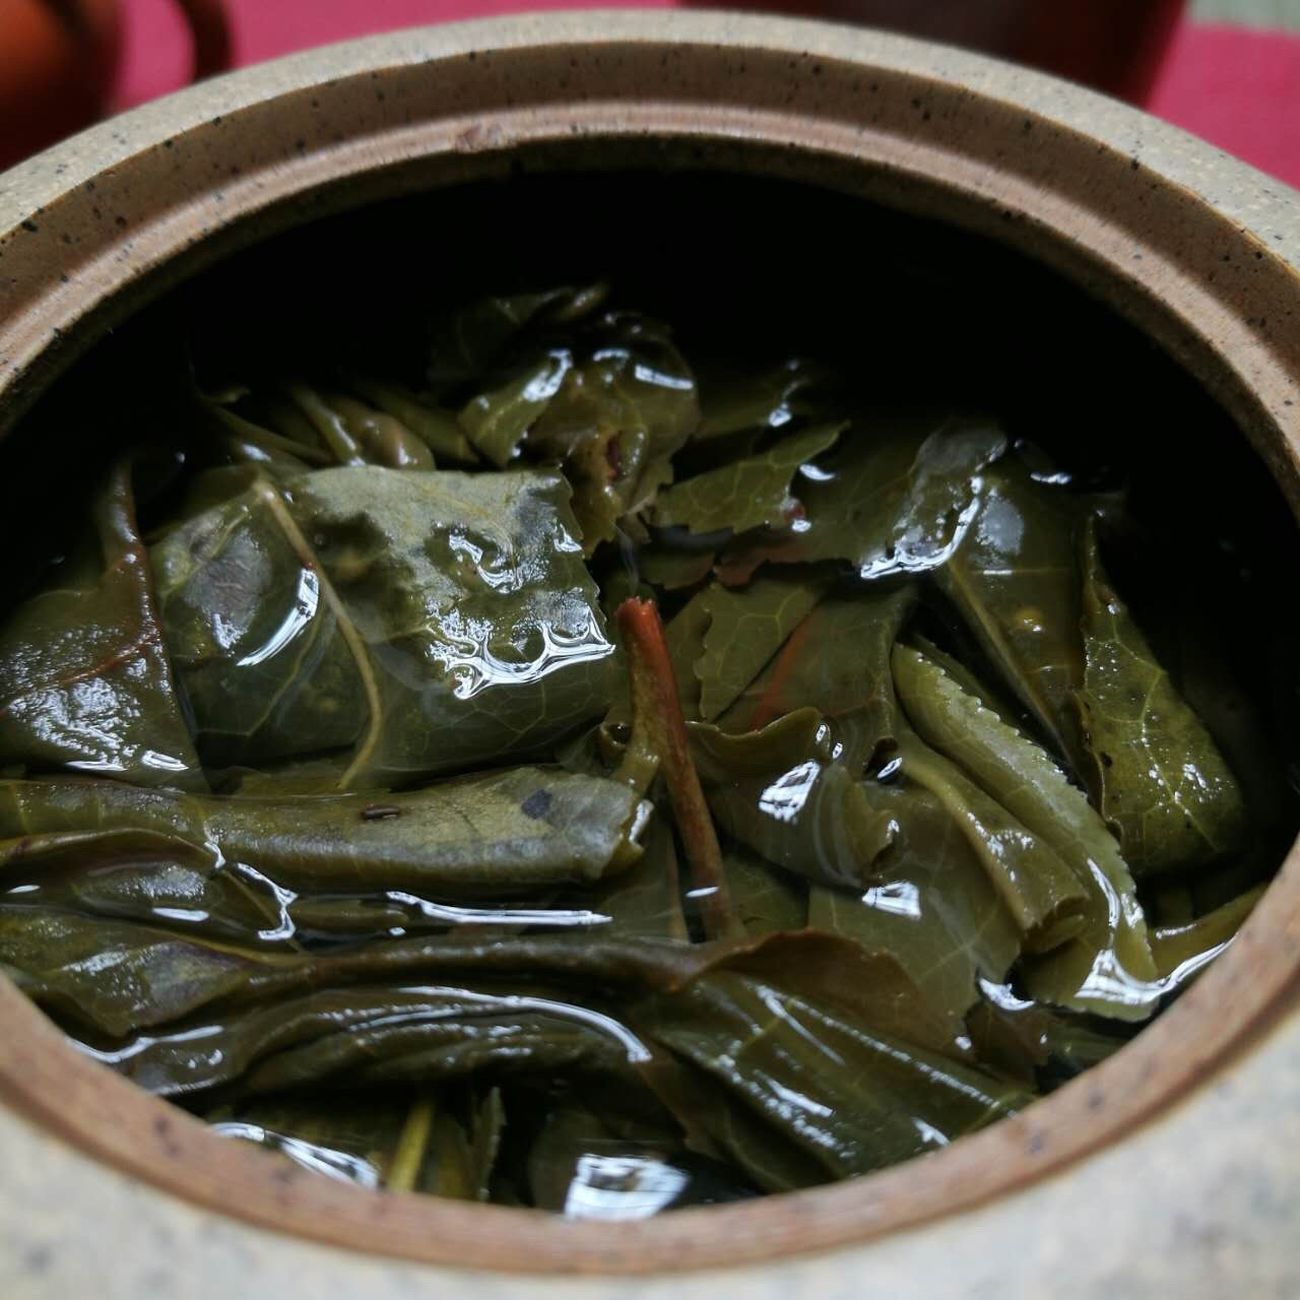 苍山茶,今日品饮。China tea from Dali cangshan mountain. Tea Tea Time Dali Yunnan Household Objects 普洱茶 Chinese Lifestyle Southwest China Chinese Tea Pu'er Tea